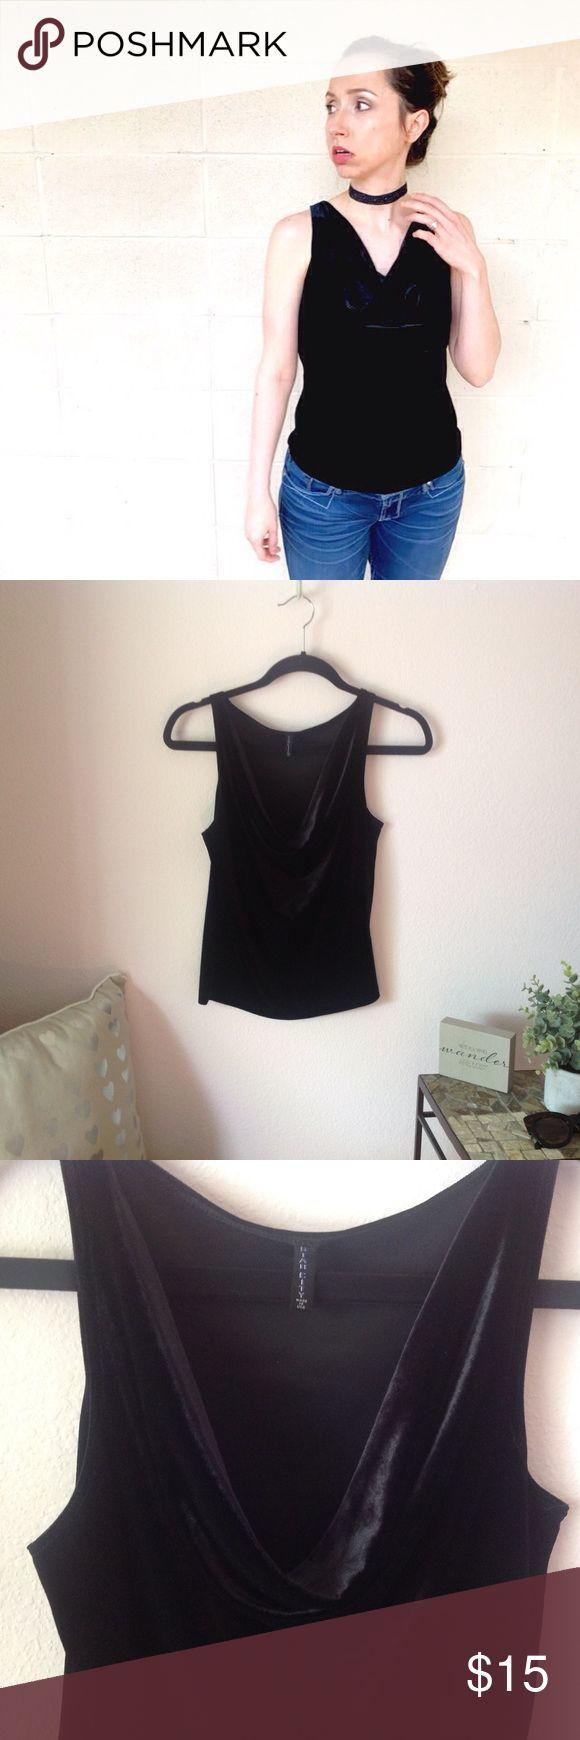 5 pound black dress pants